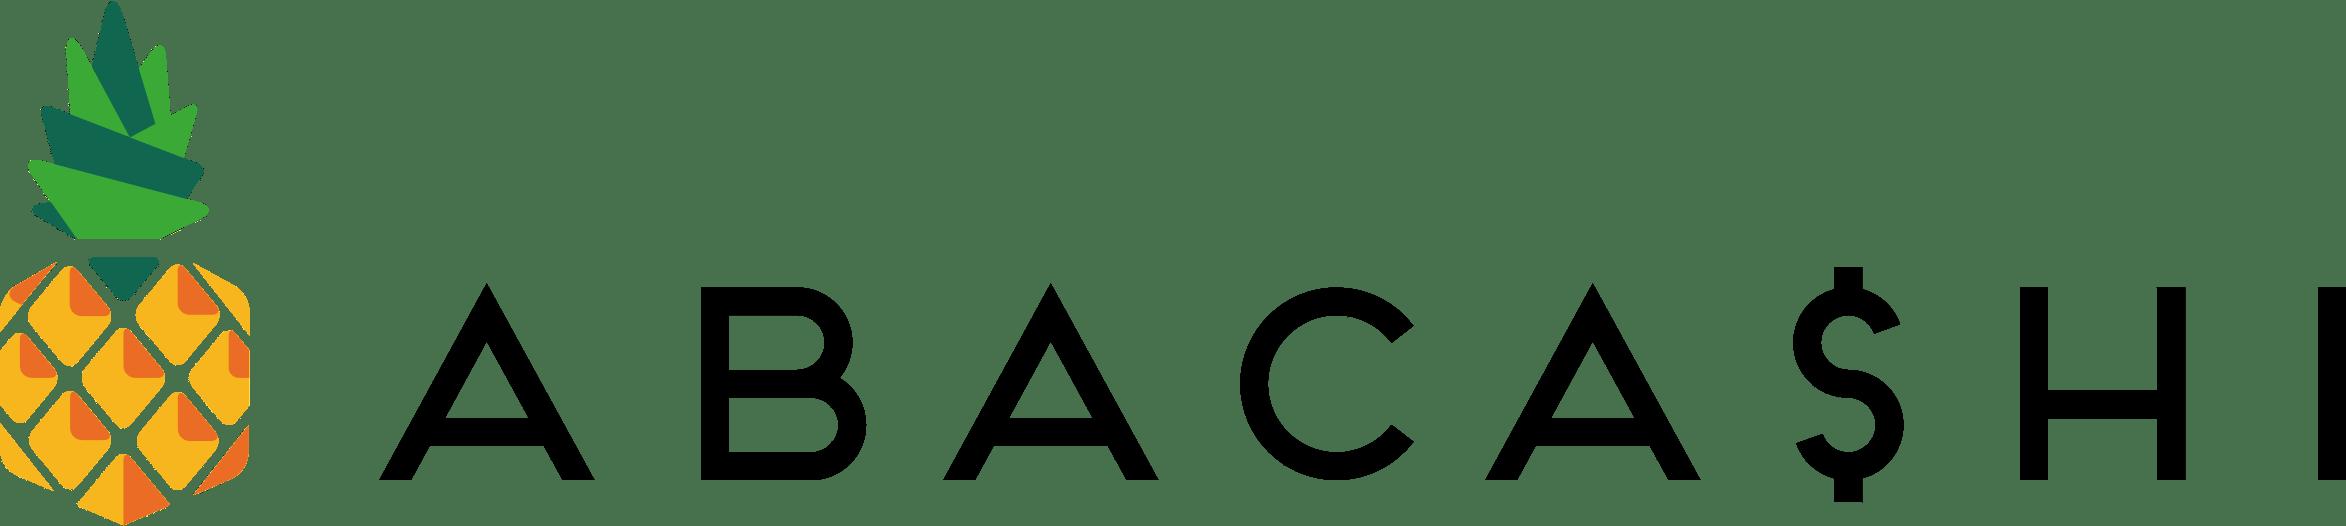 Resultado de imagem para abacashi vaquinha